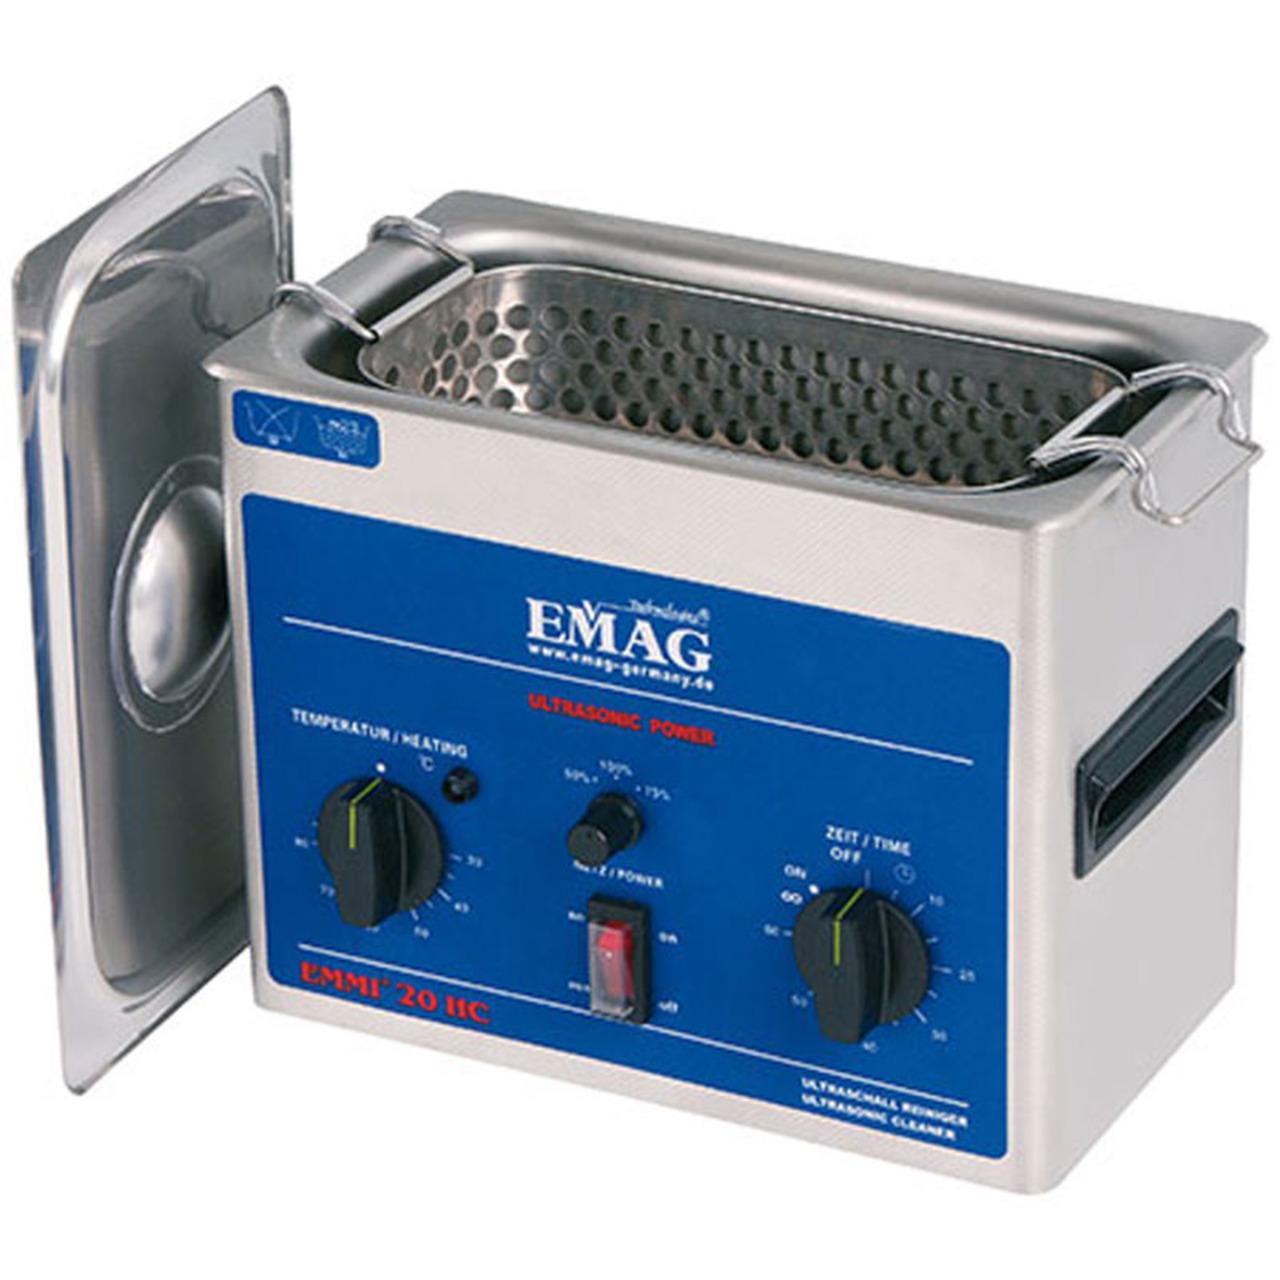 EMAG UltraschallreinigerEmmi-20 HC- 2-0 L- mit Universalreiniger EM-080